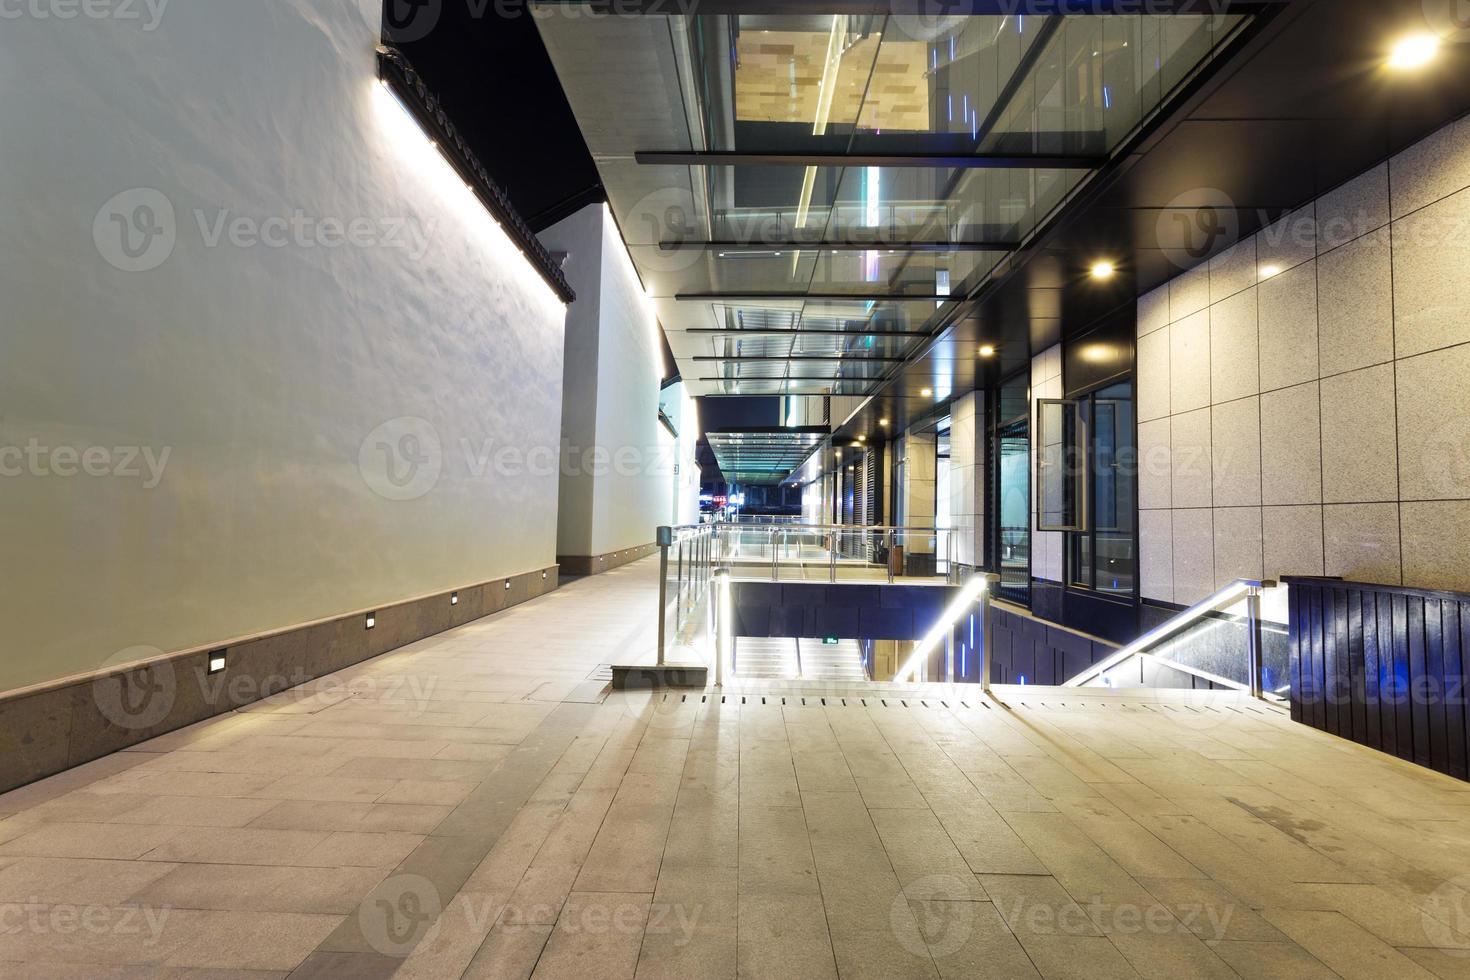 Straße zwischen modernen Retro-Wiederbelebungsgebäuden foto